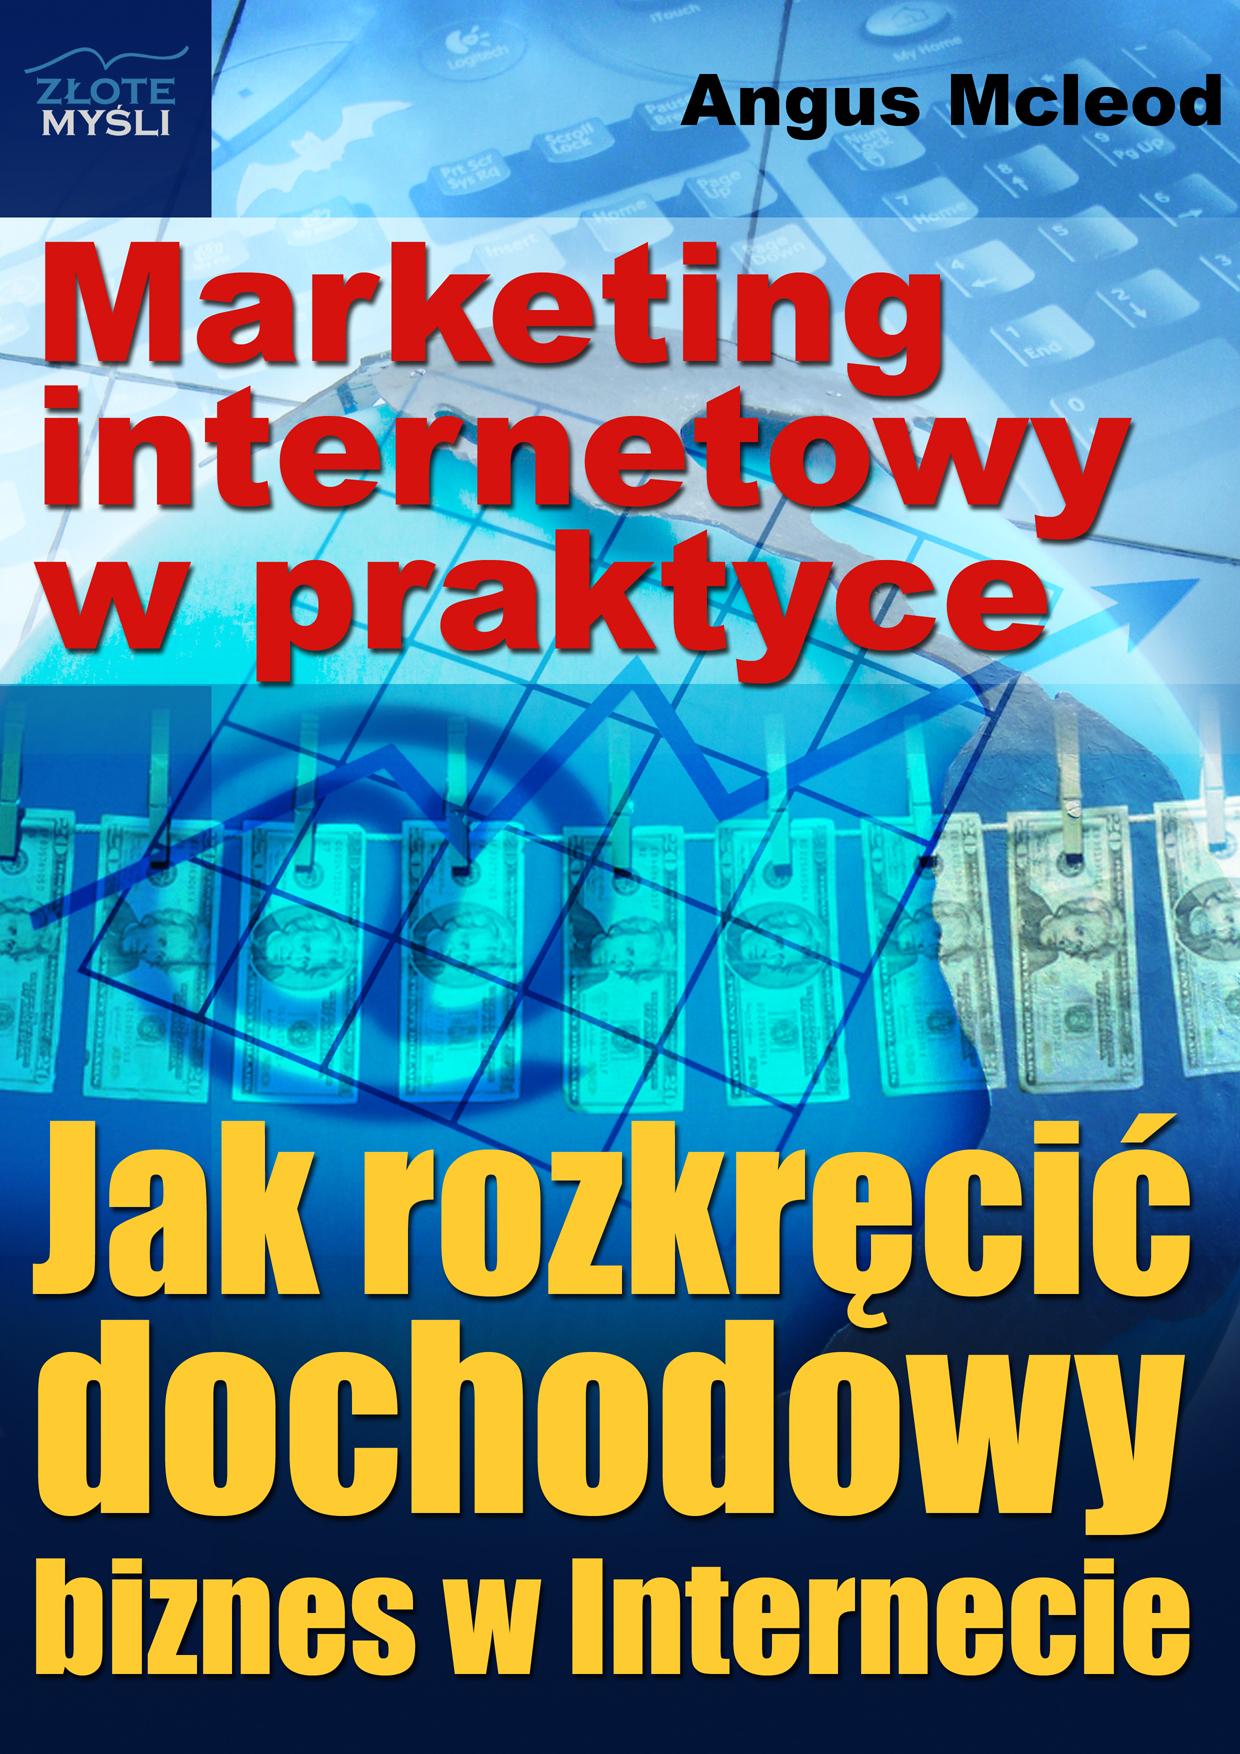 Angus Mcleod: Marketing internetowy w praktyce - okładka